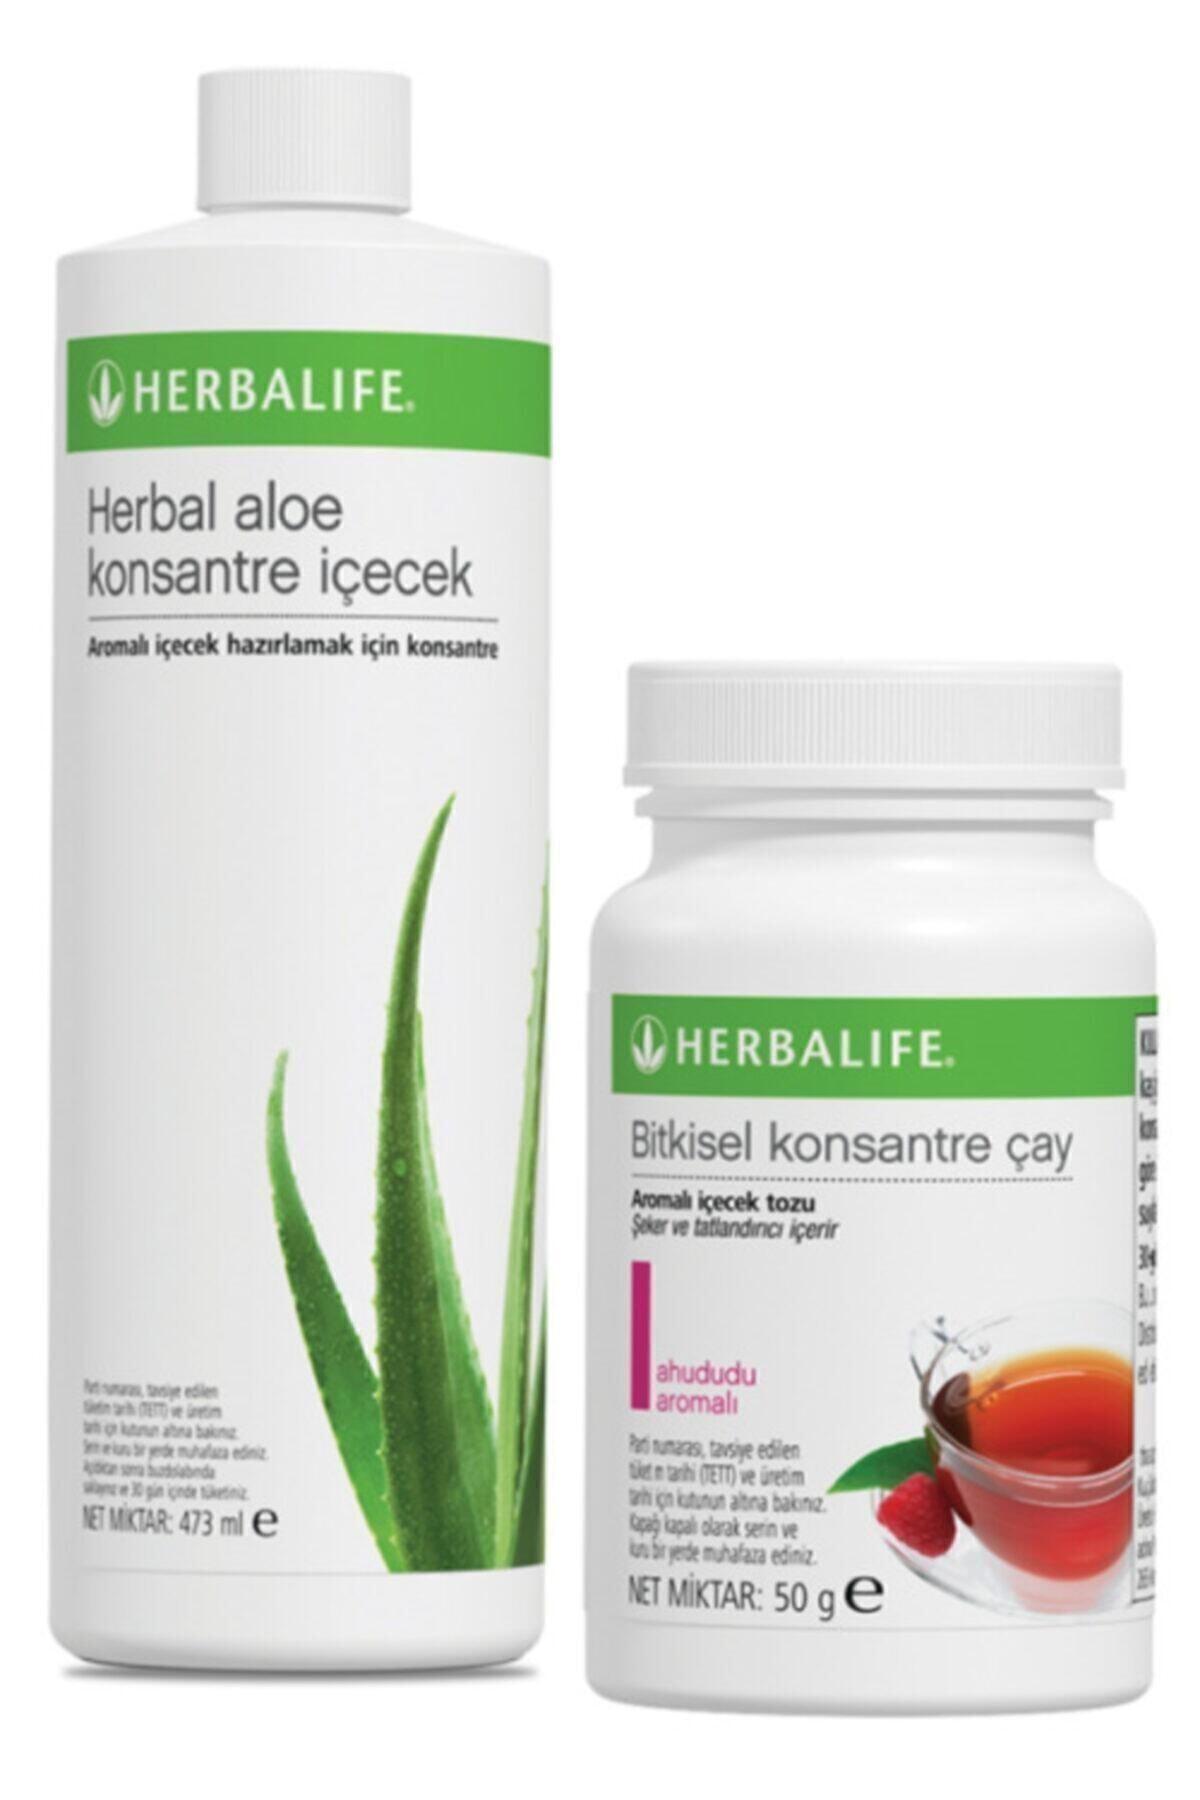 Herbalife Set Aloe Konsantre Içecek Ve Ahududu 50 G Çay 1